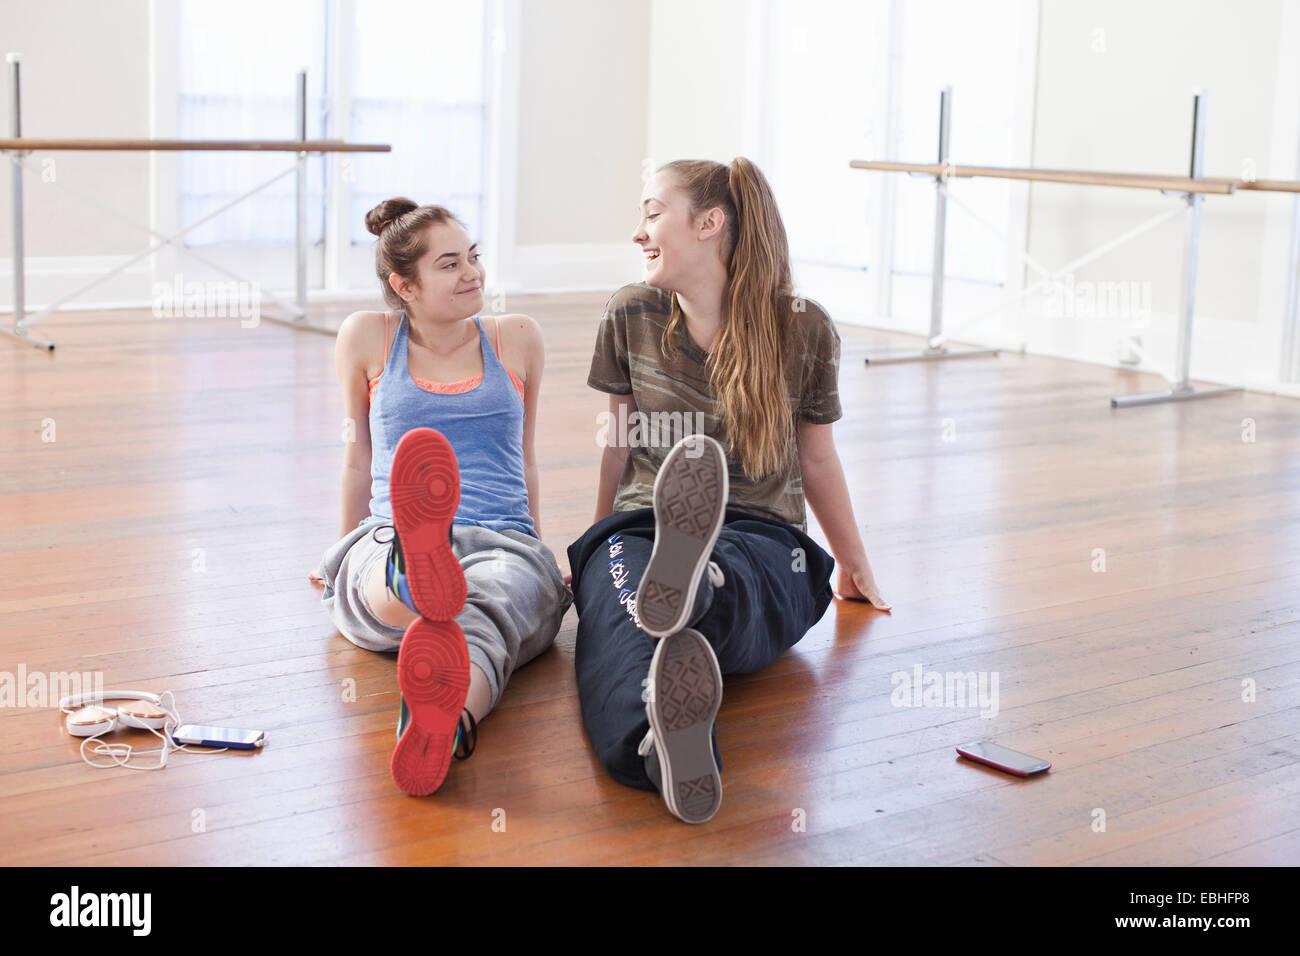 Due ragazze adolescenti in chat con scuola di danza Immagini Stock